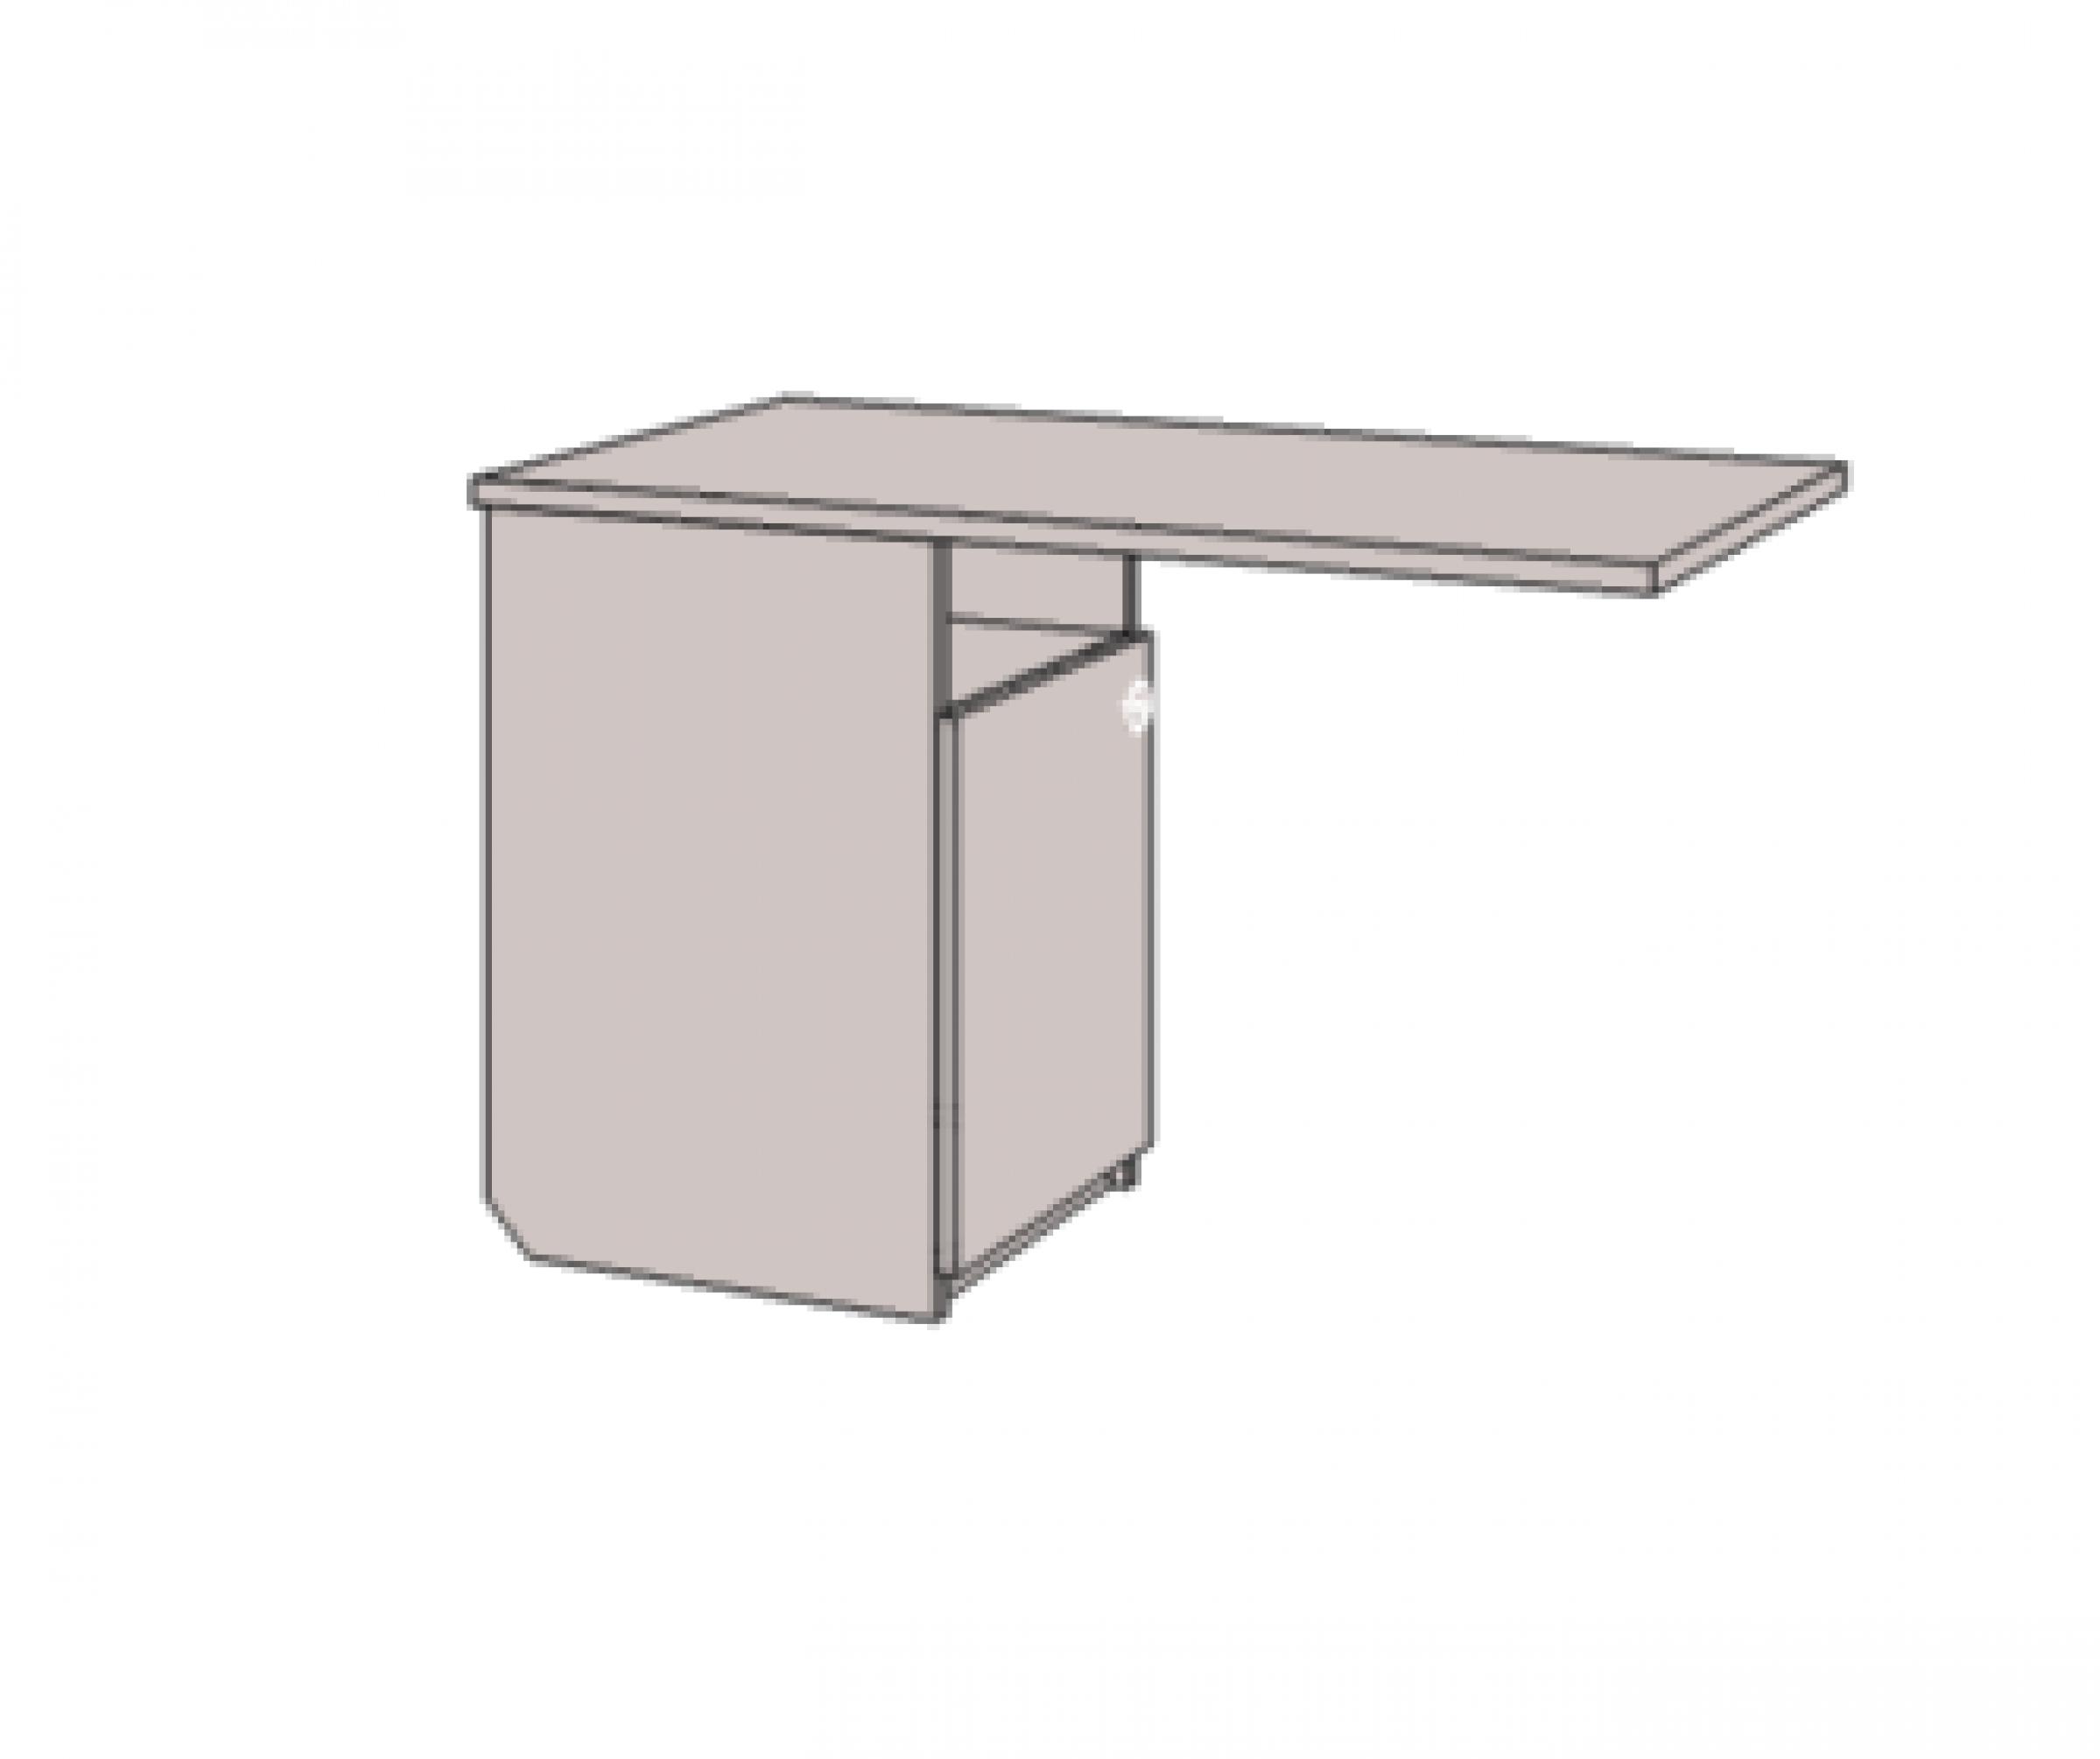 Klюkva Тумба однодверная для комп.стола, левая. Артикул: VT1_40L